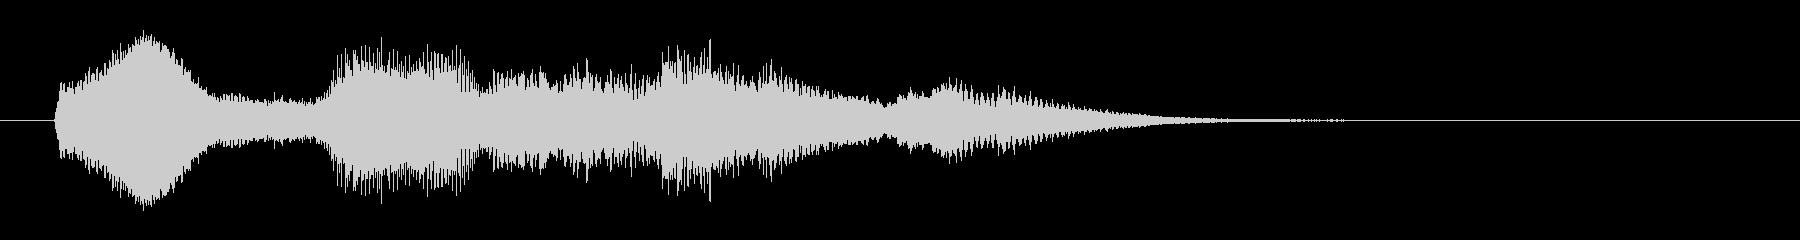 和やかなサウンドロゴの未再生の波形